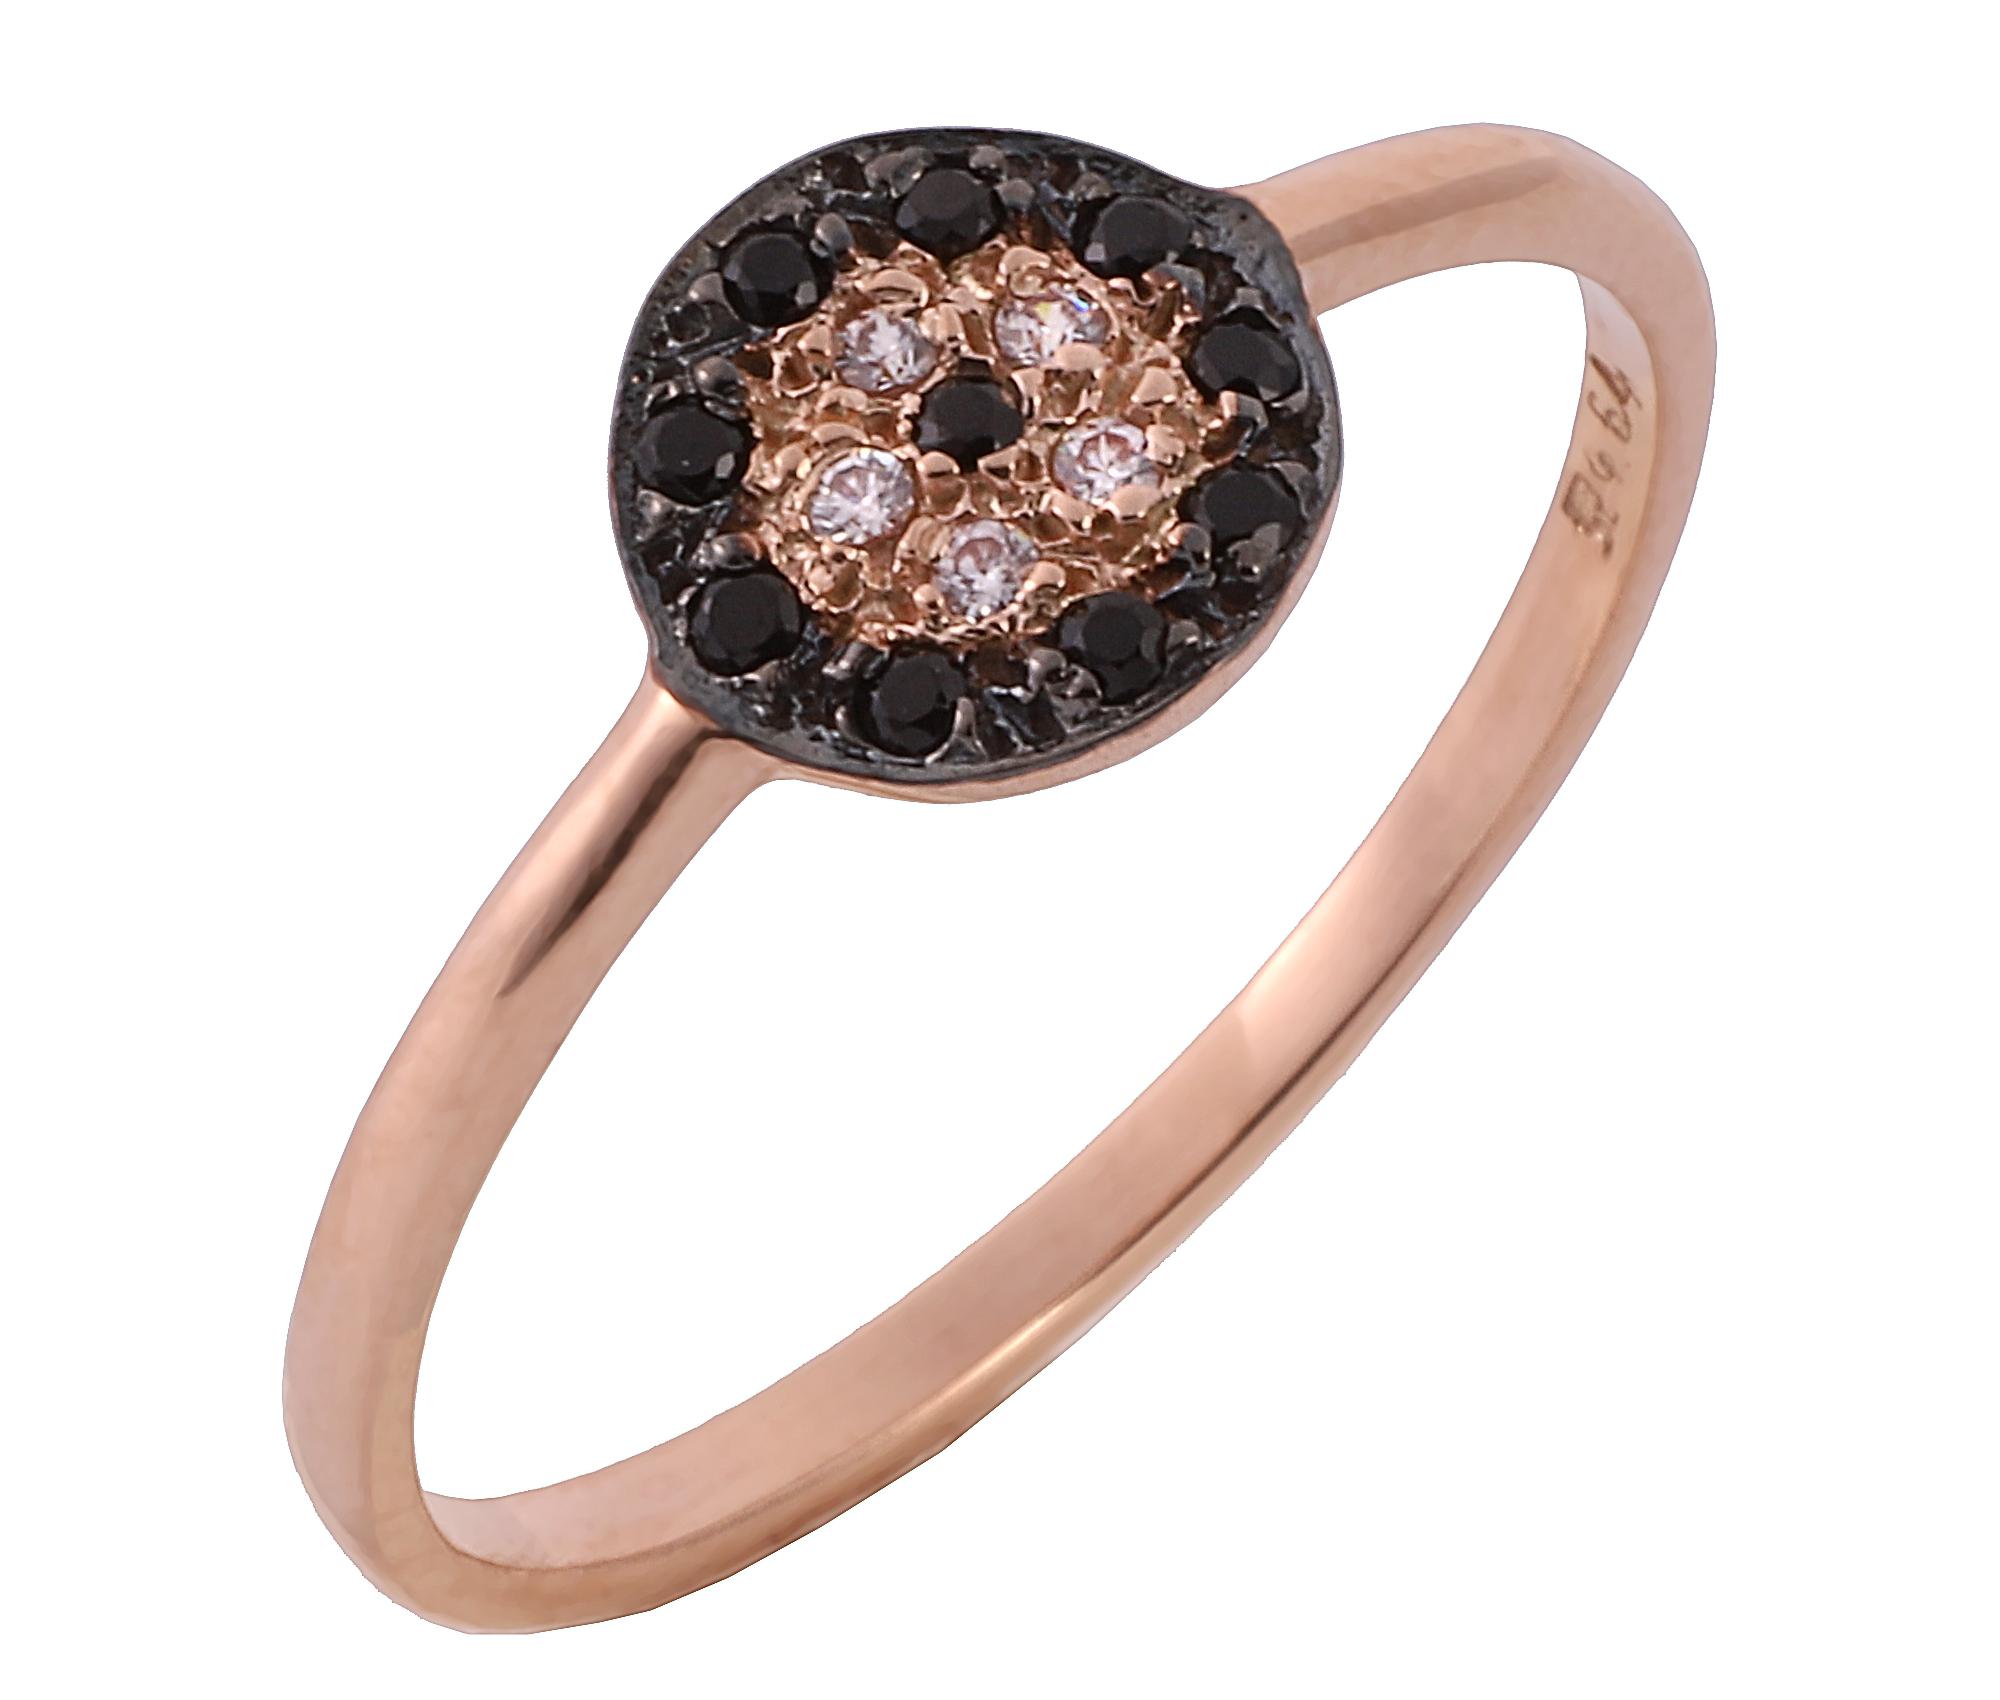 Δαχτυλίδι Ματάκι με Μαύρα & Λευκά Ζιργκόν Ροζ Χρυσός Κ9 - 16056